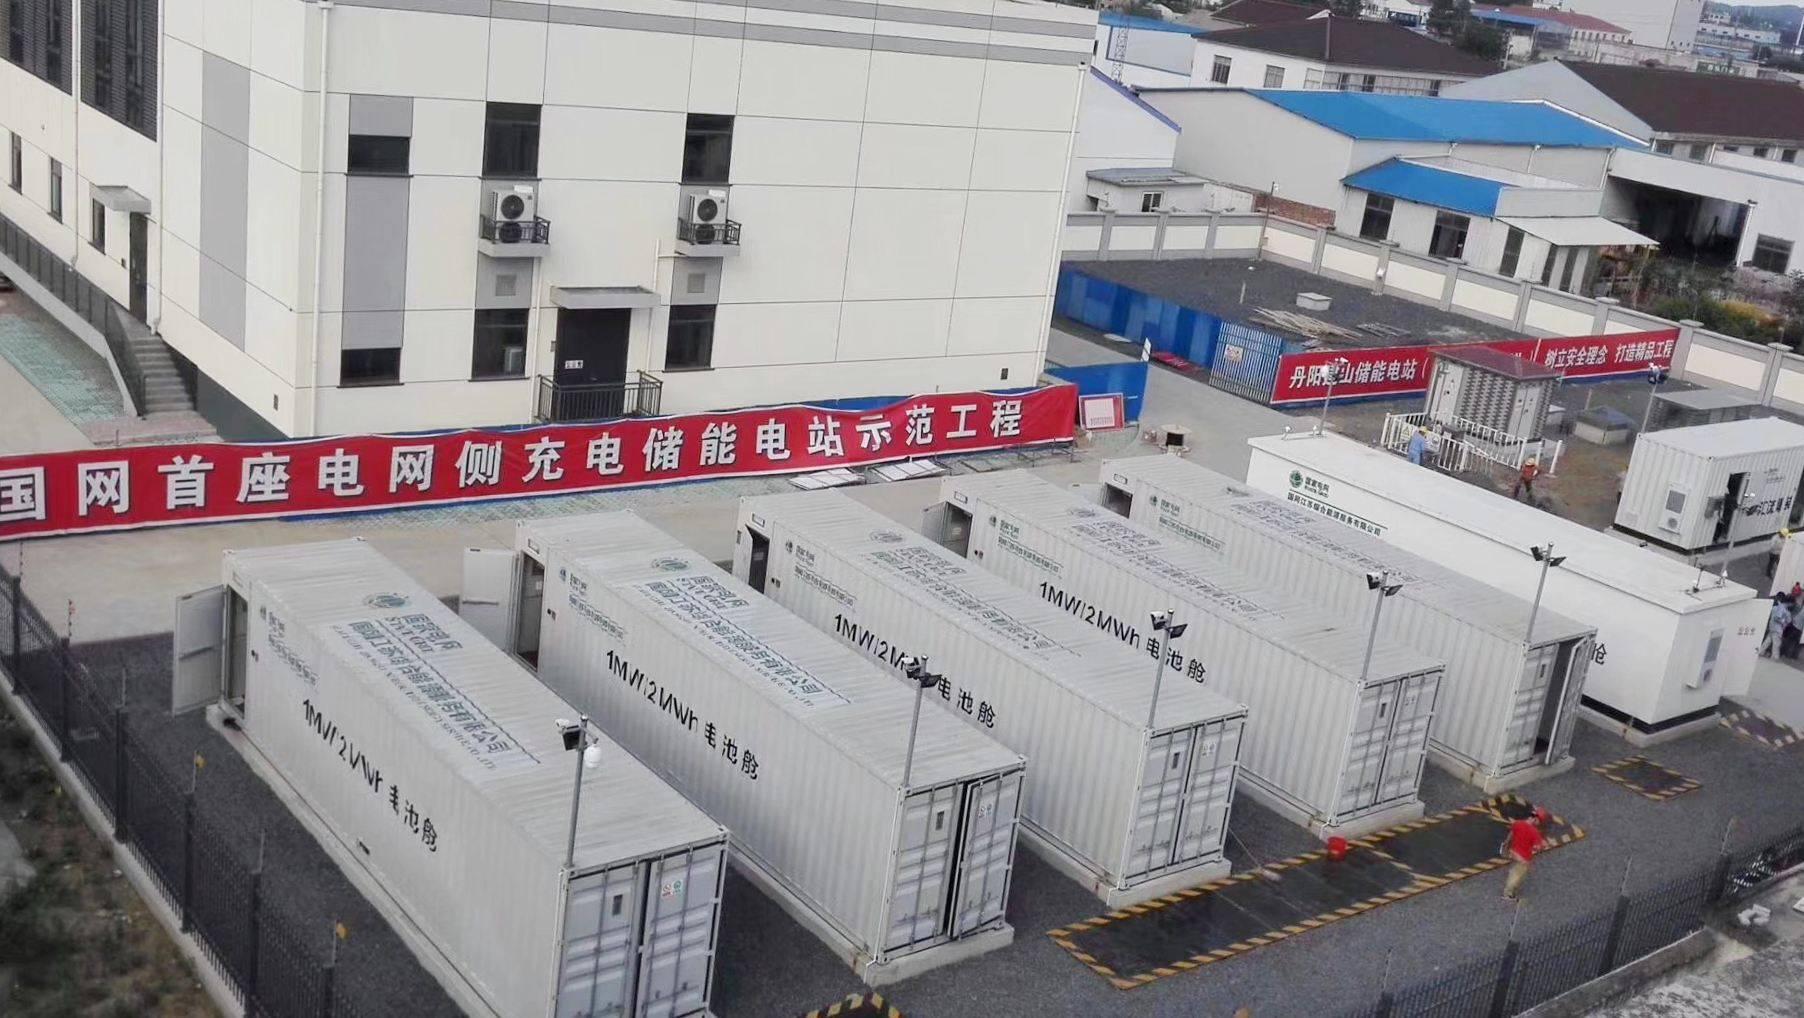 回顾2018年中国电网侧储能市场的崛起!